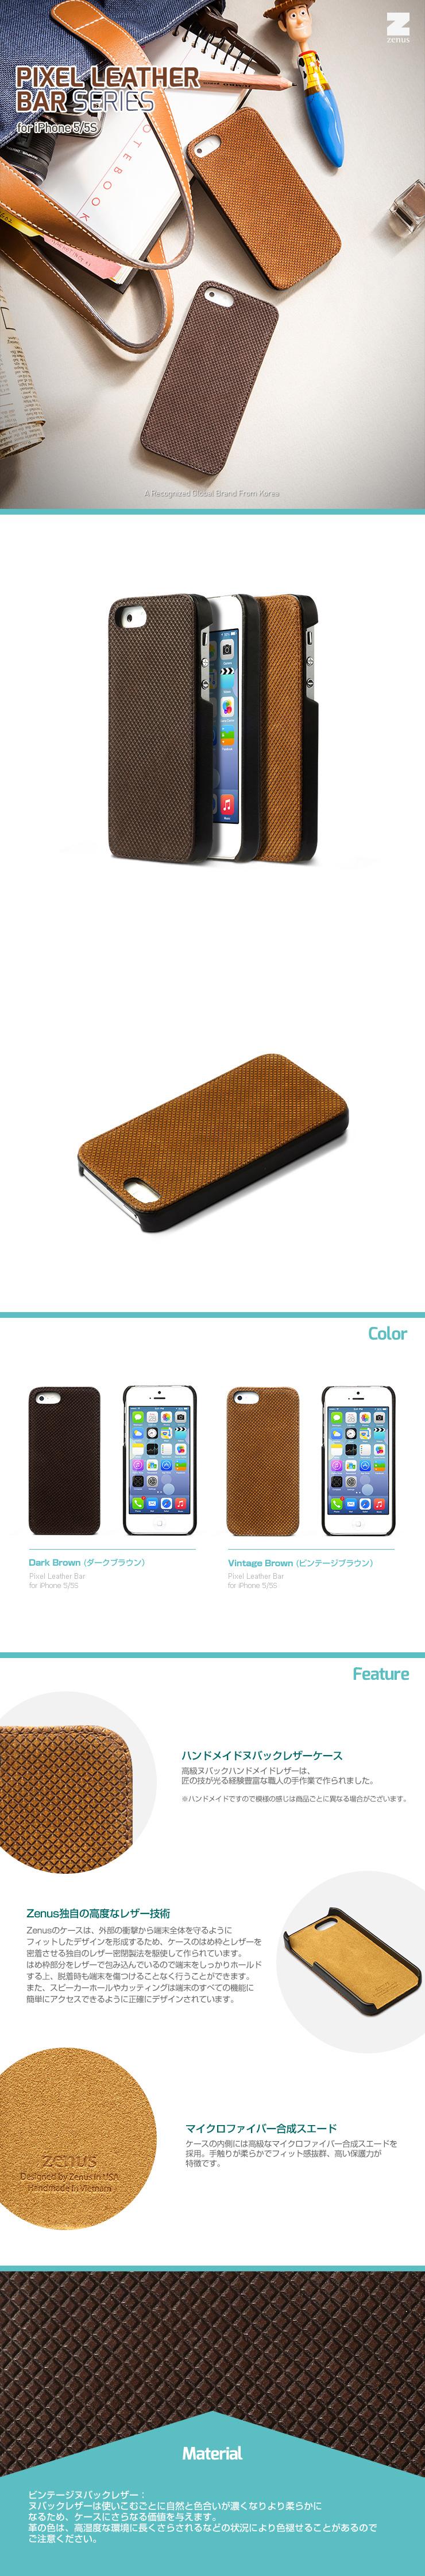 【iPhone5C】ZENUS Prestige Pixel Leather Bar (プレステージピクセルレザーバー) ビンテージブラウン